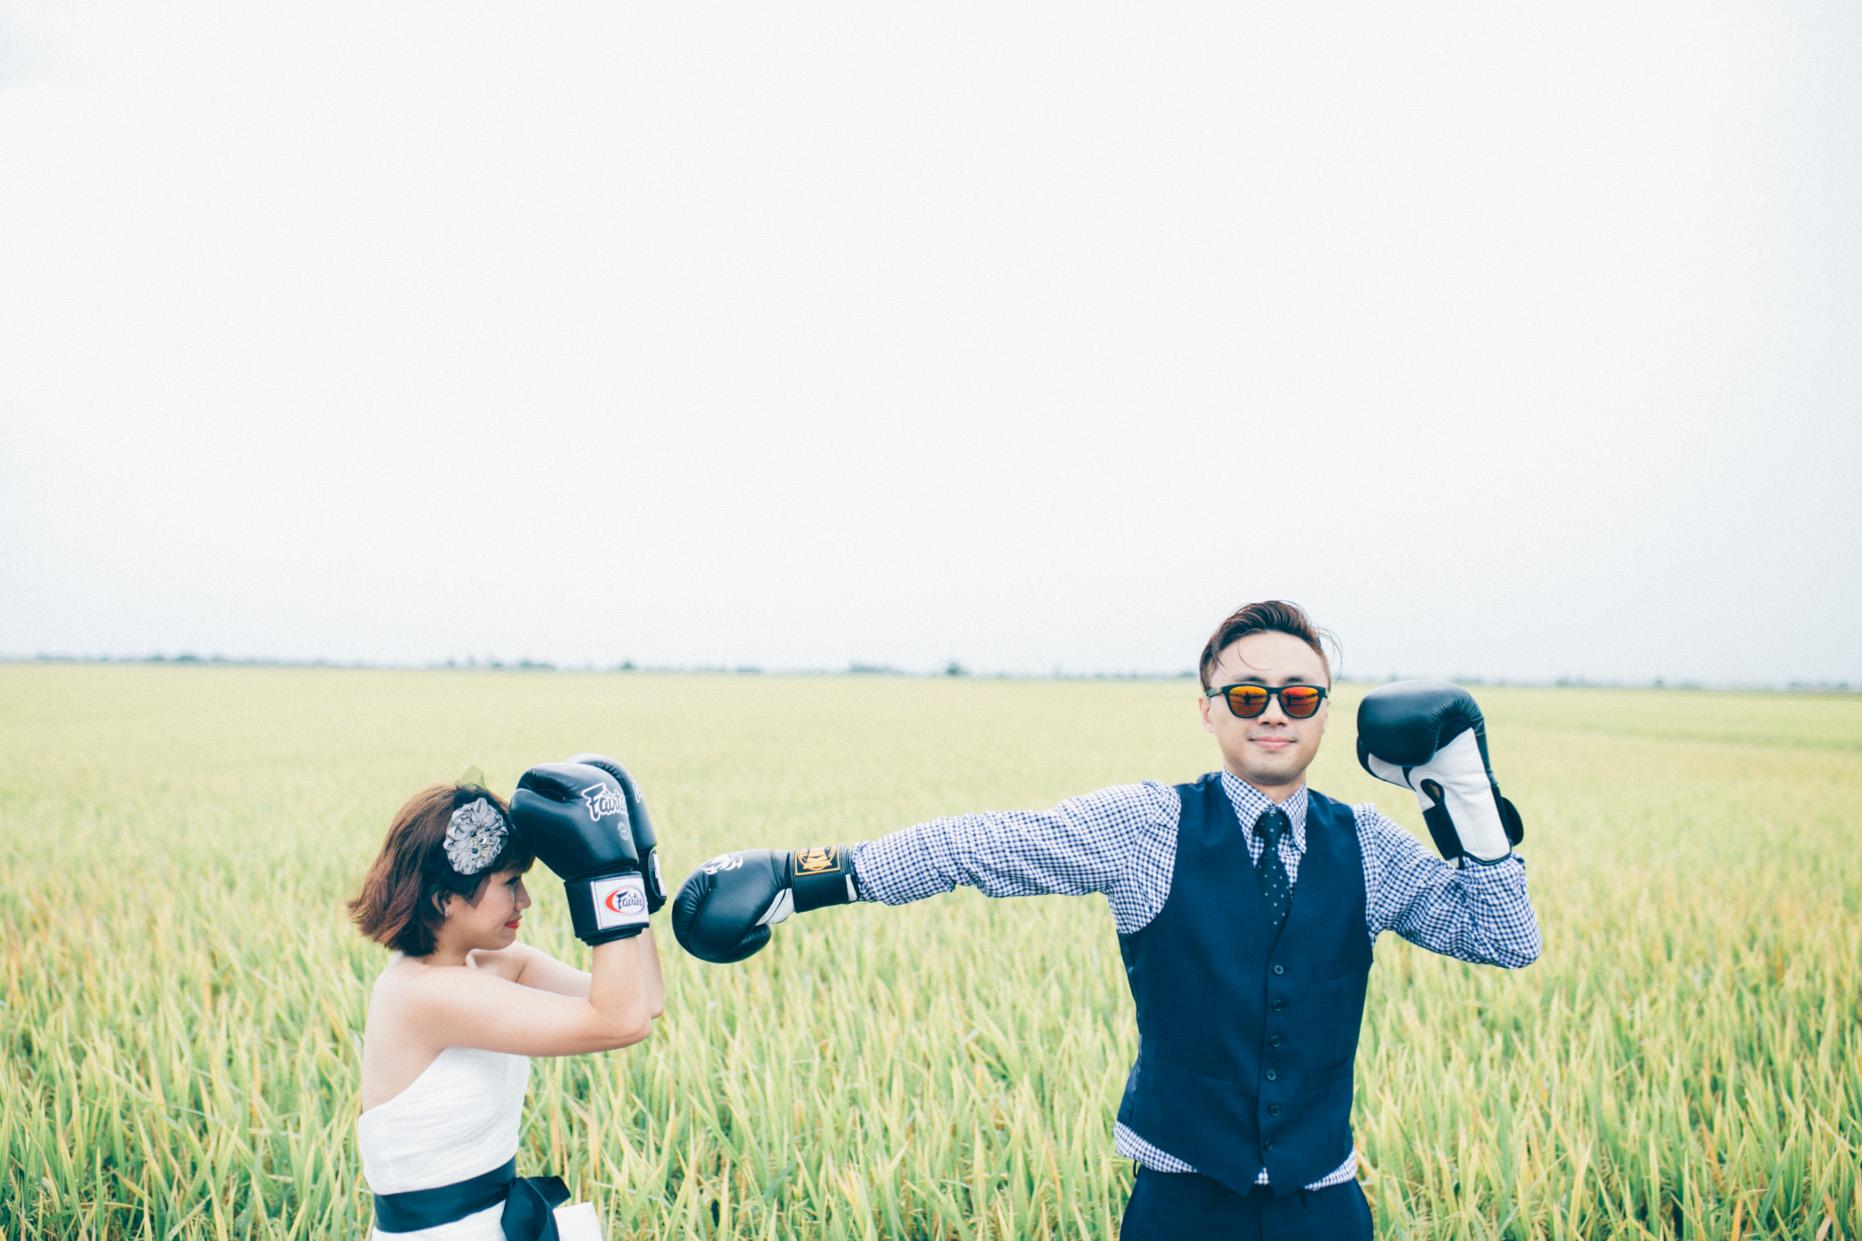 Boxing in Sekinchan